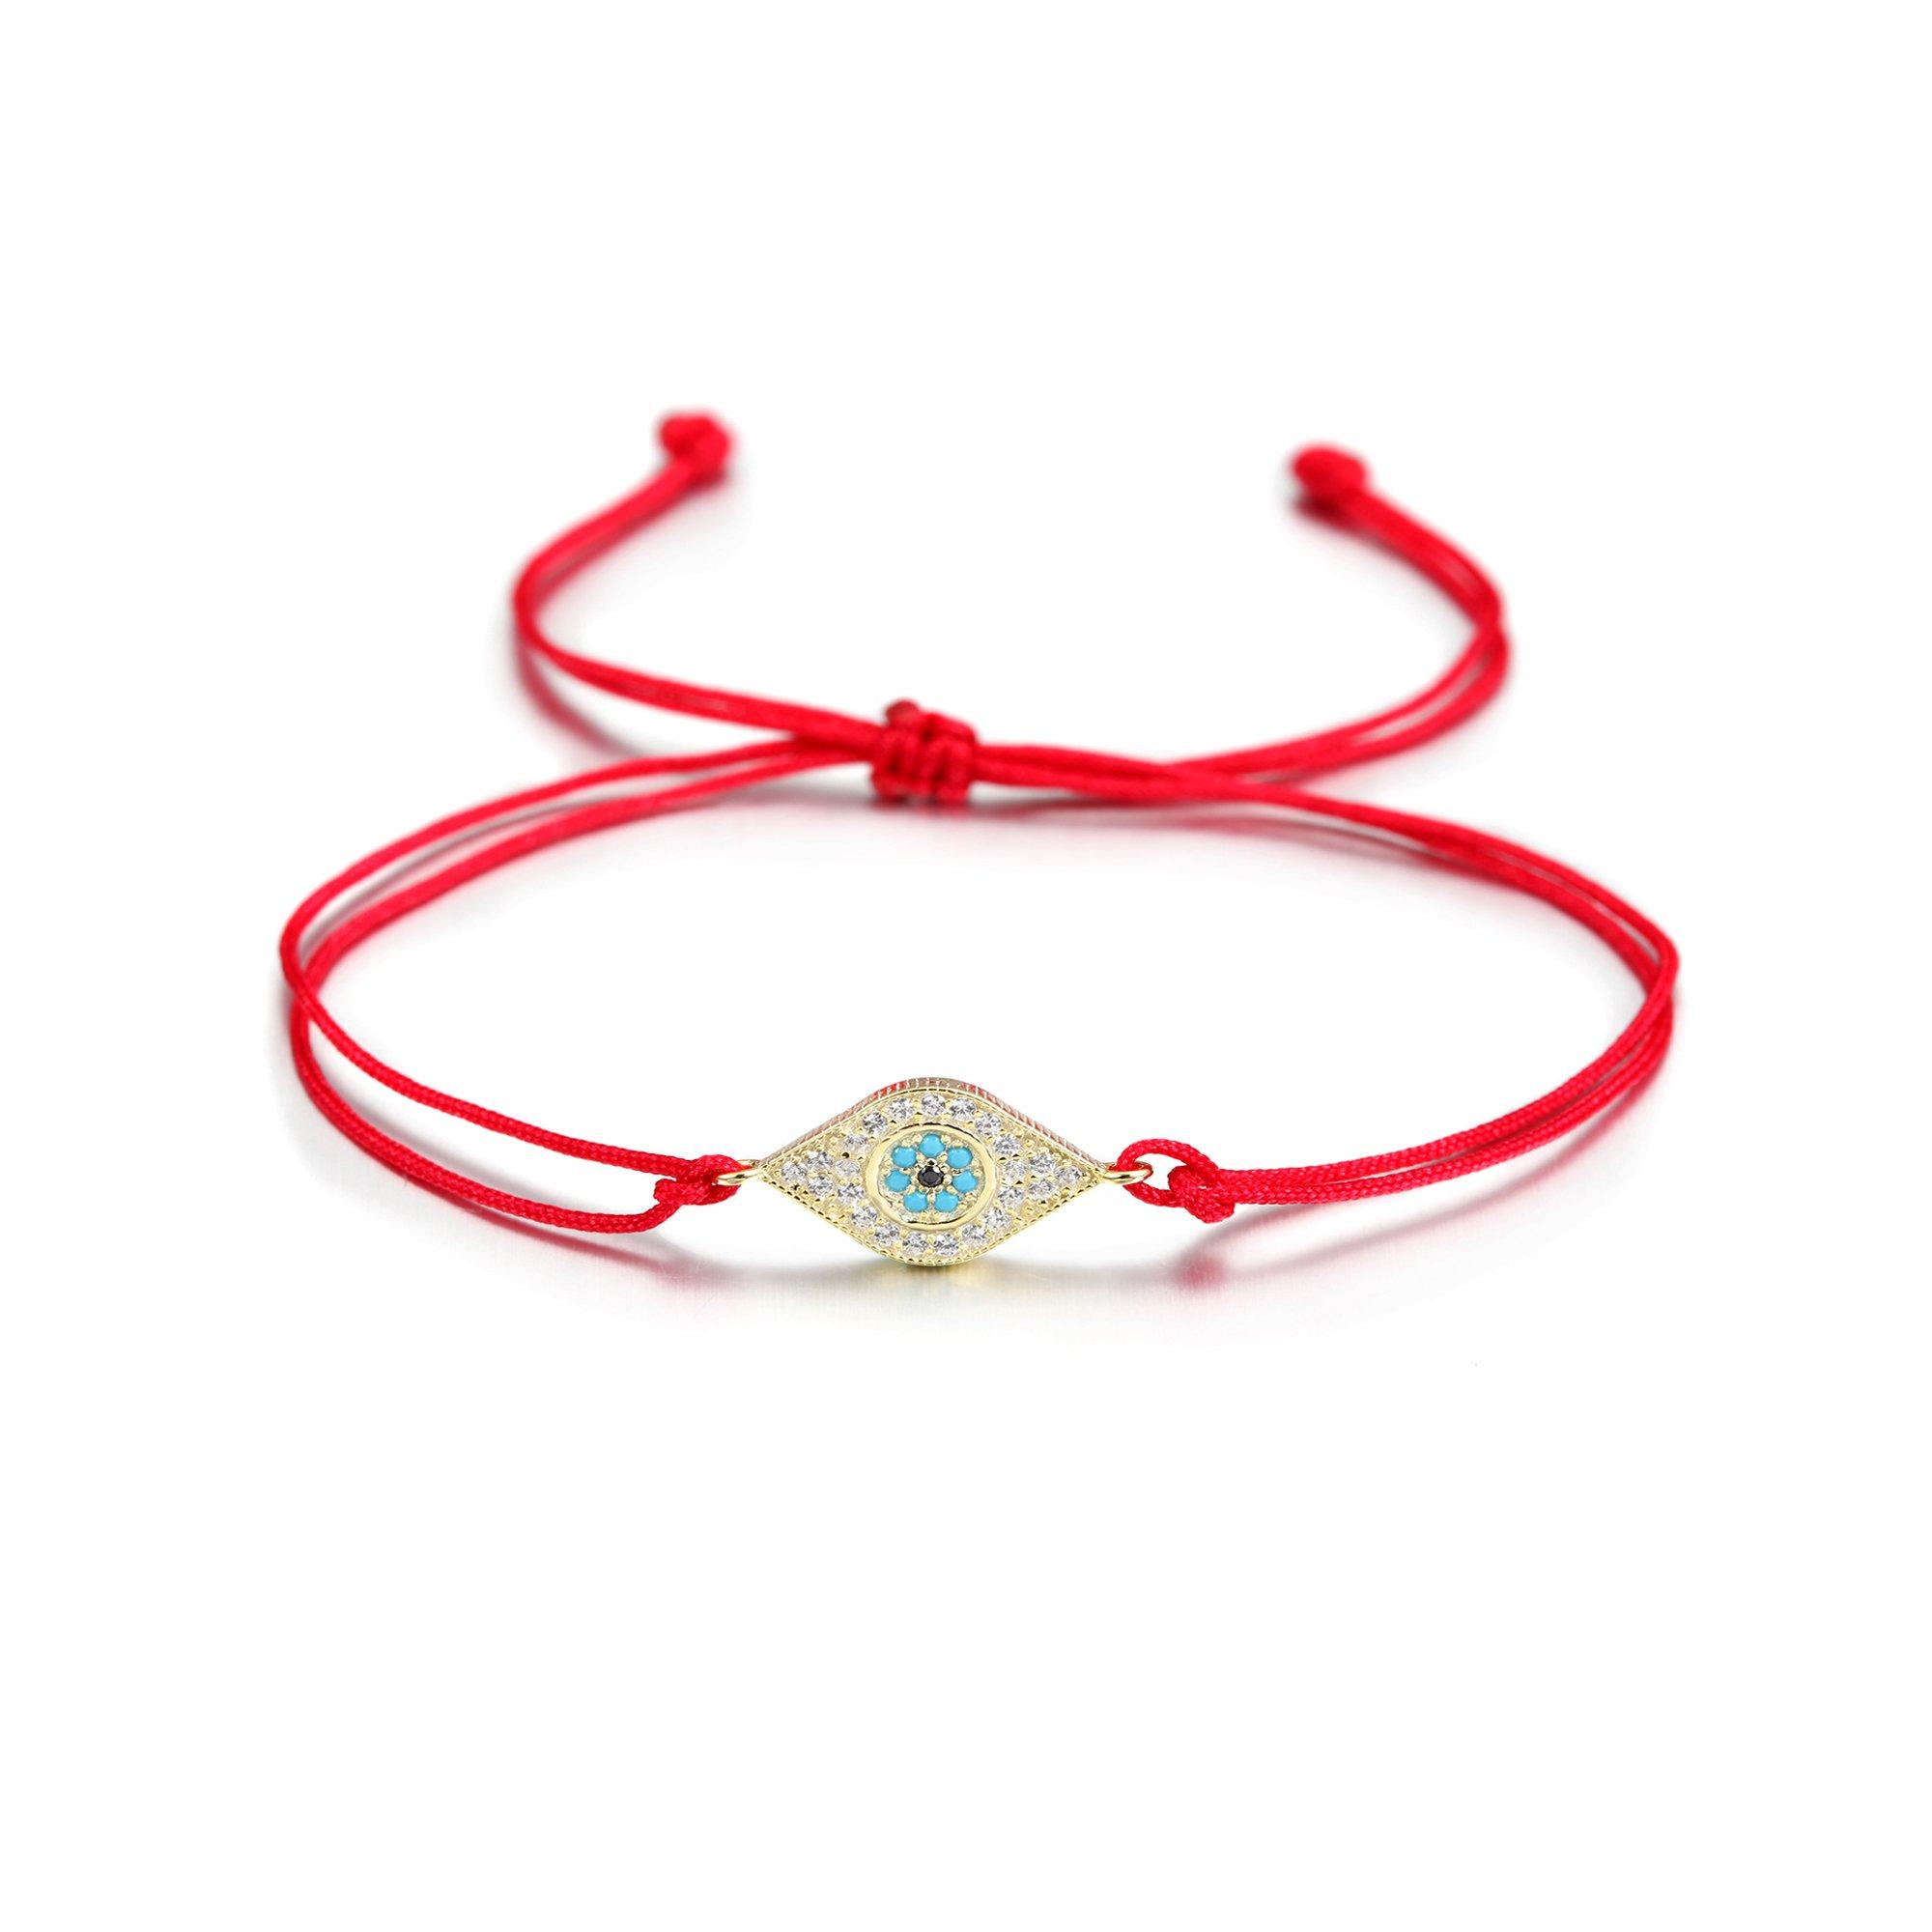 Wistic Evil Eye Adjustable Bracelet Kabbalah String Bracelet for Women Men Girls boys (Orange)